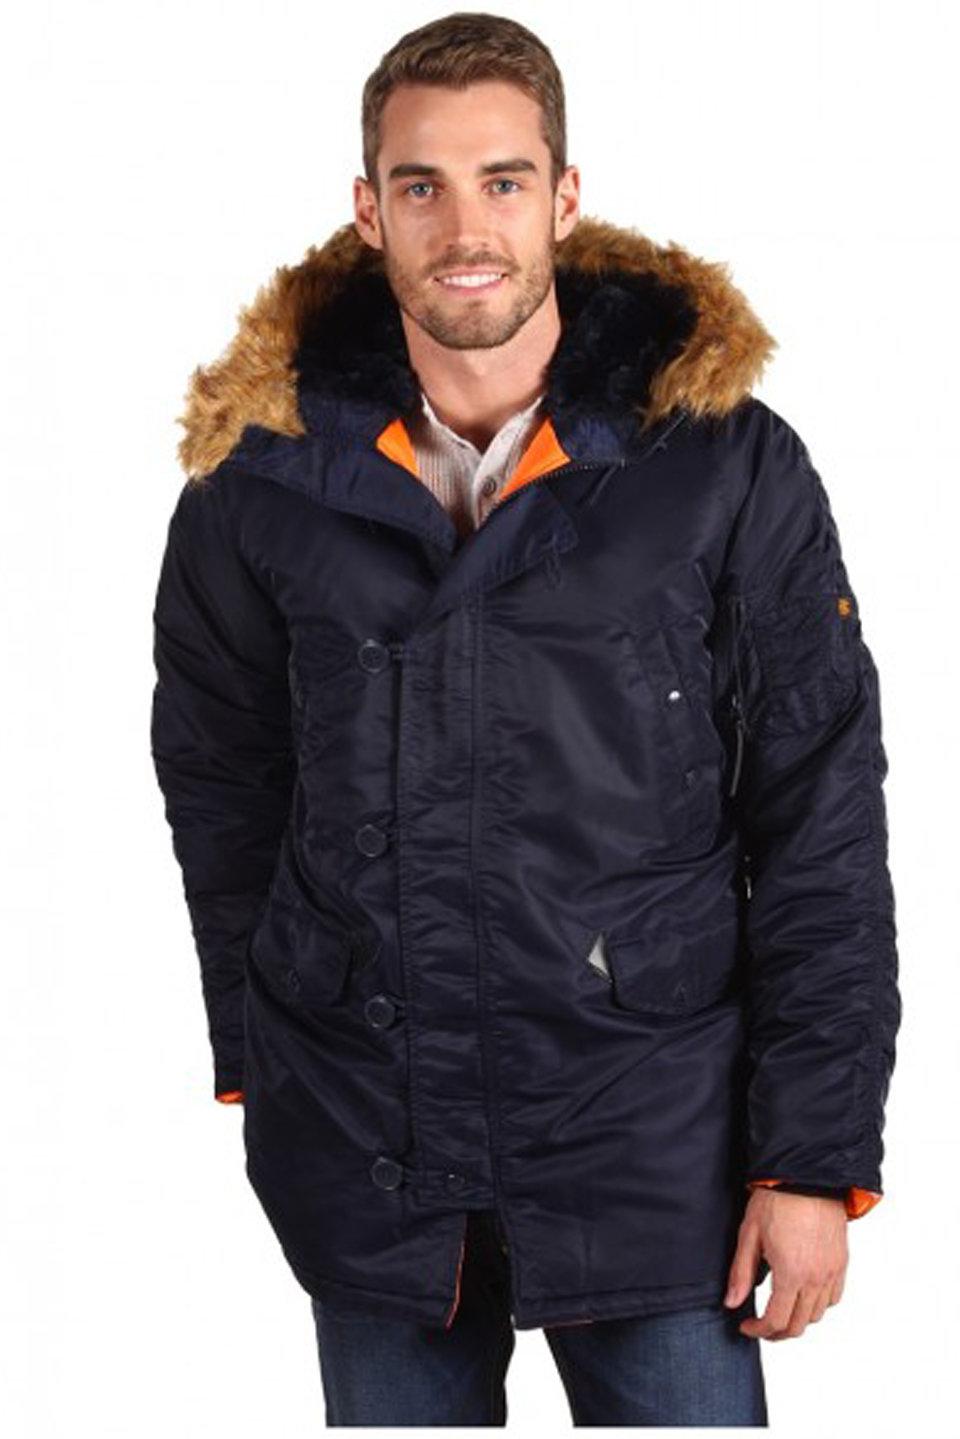 нас собраны куртка аляска фото мужская мебели бревен можно